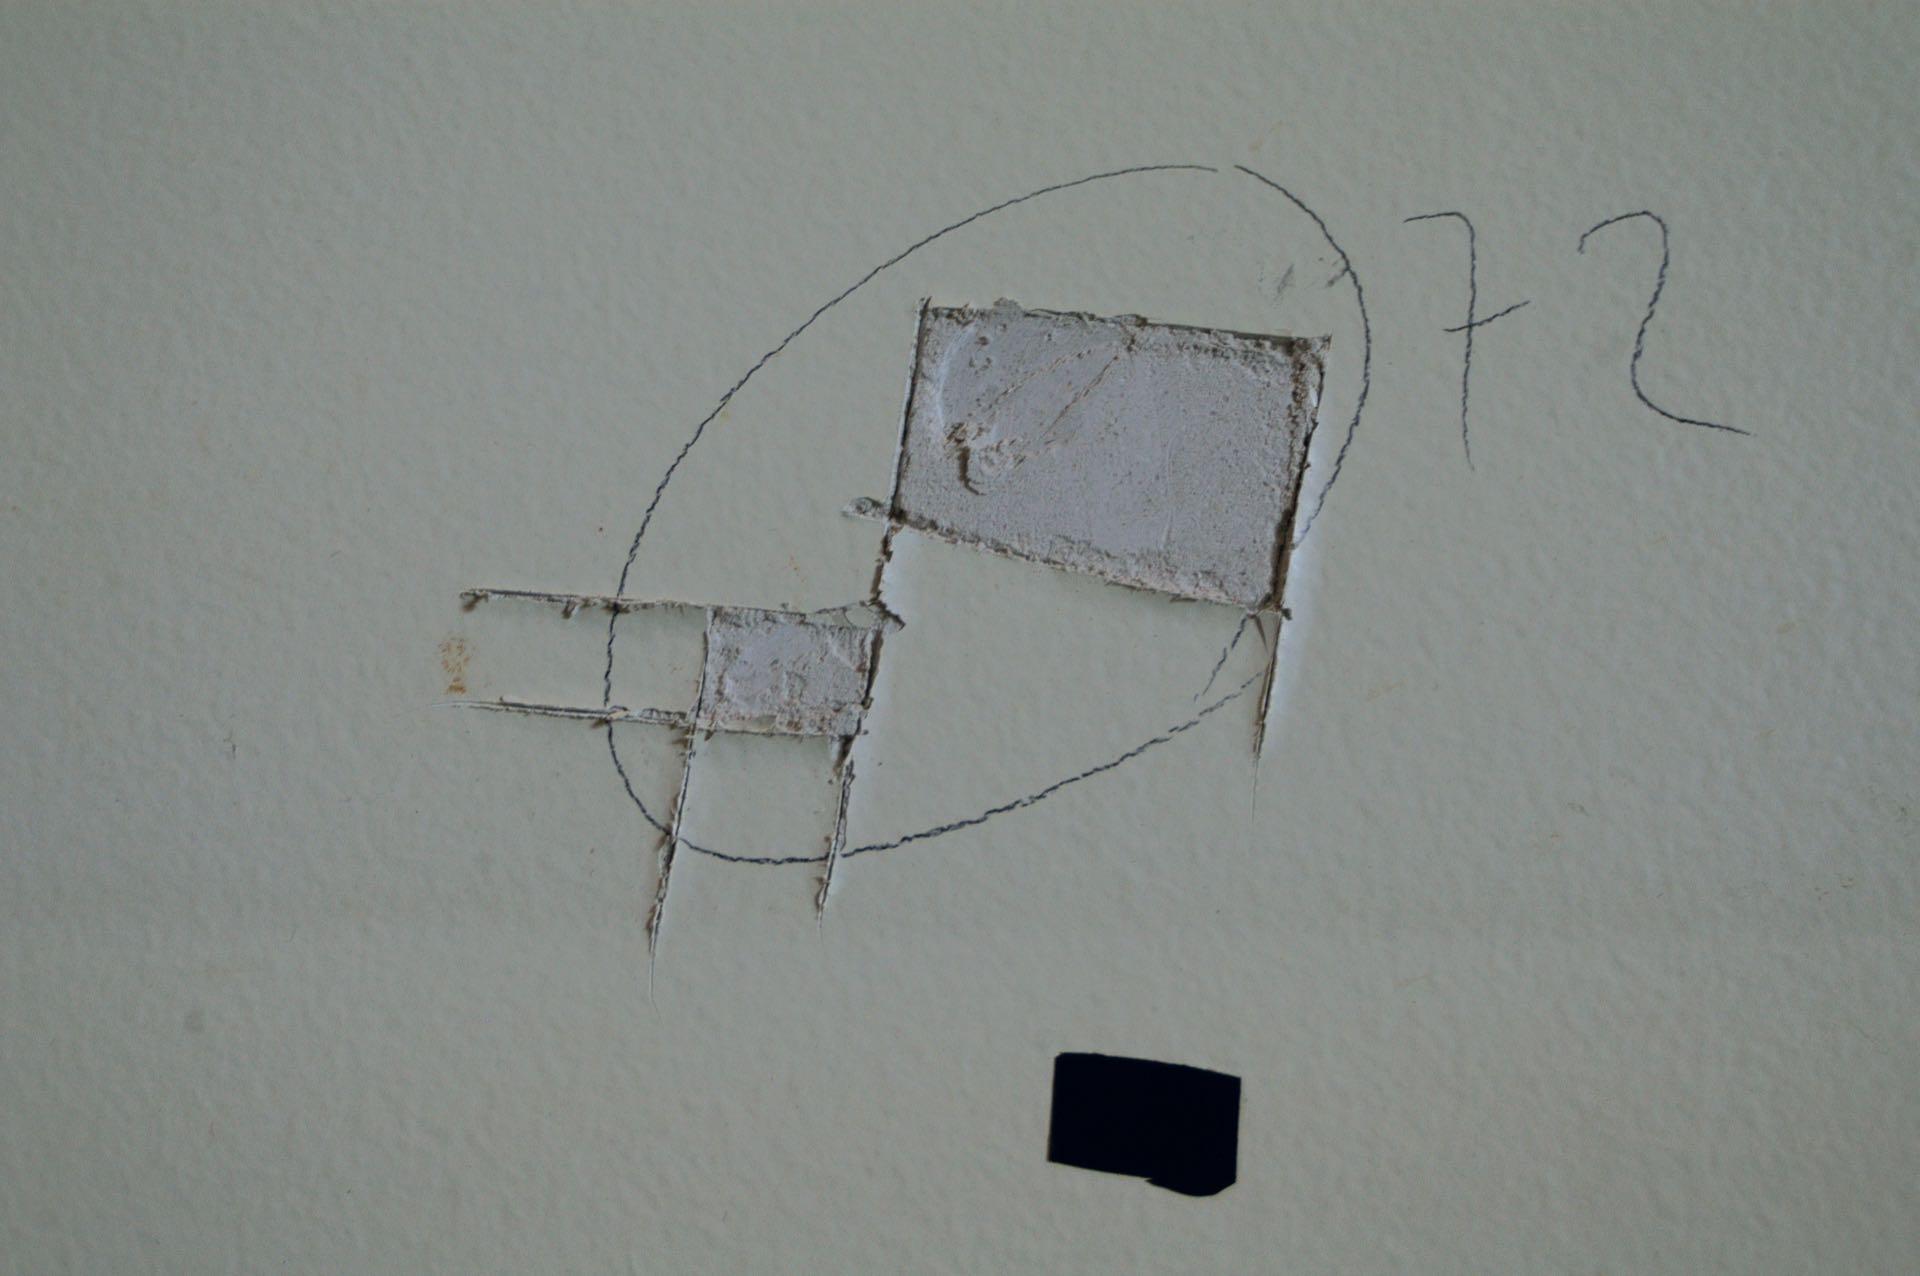 """El del """"sospechoso 2"""" fue hallado en la viga del techo del baño, mezclado con el del """"sospechoso 1""""."""